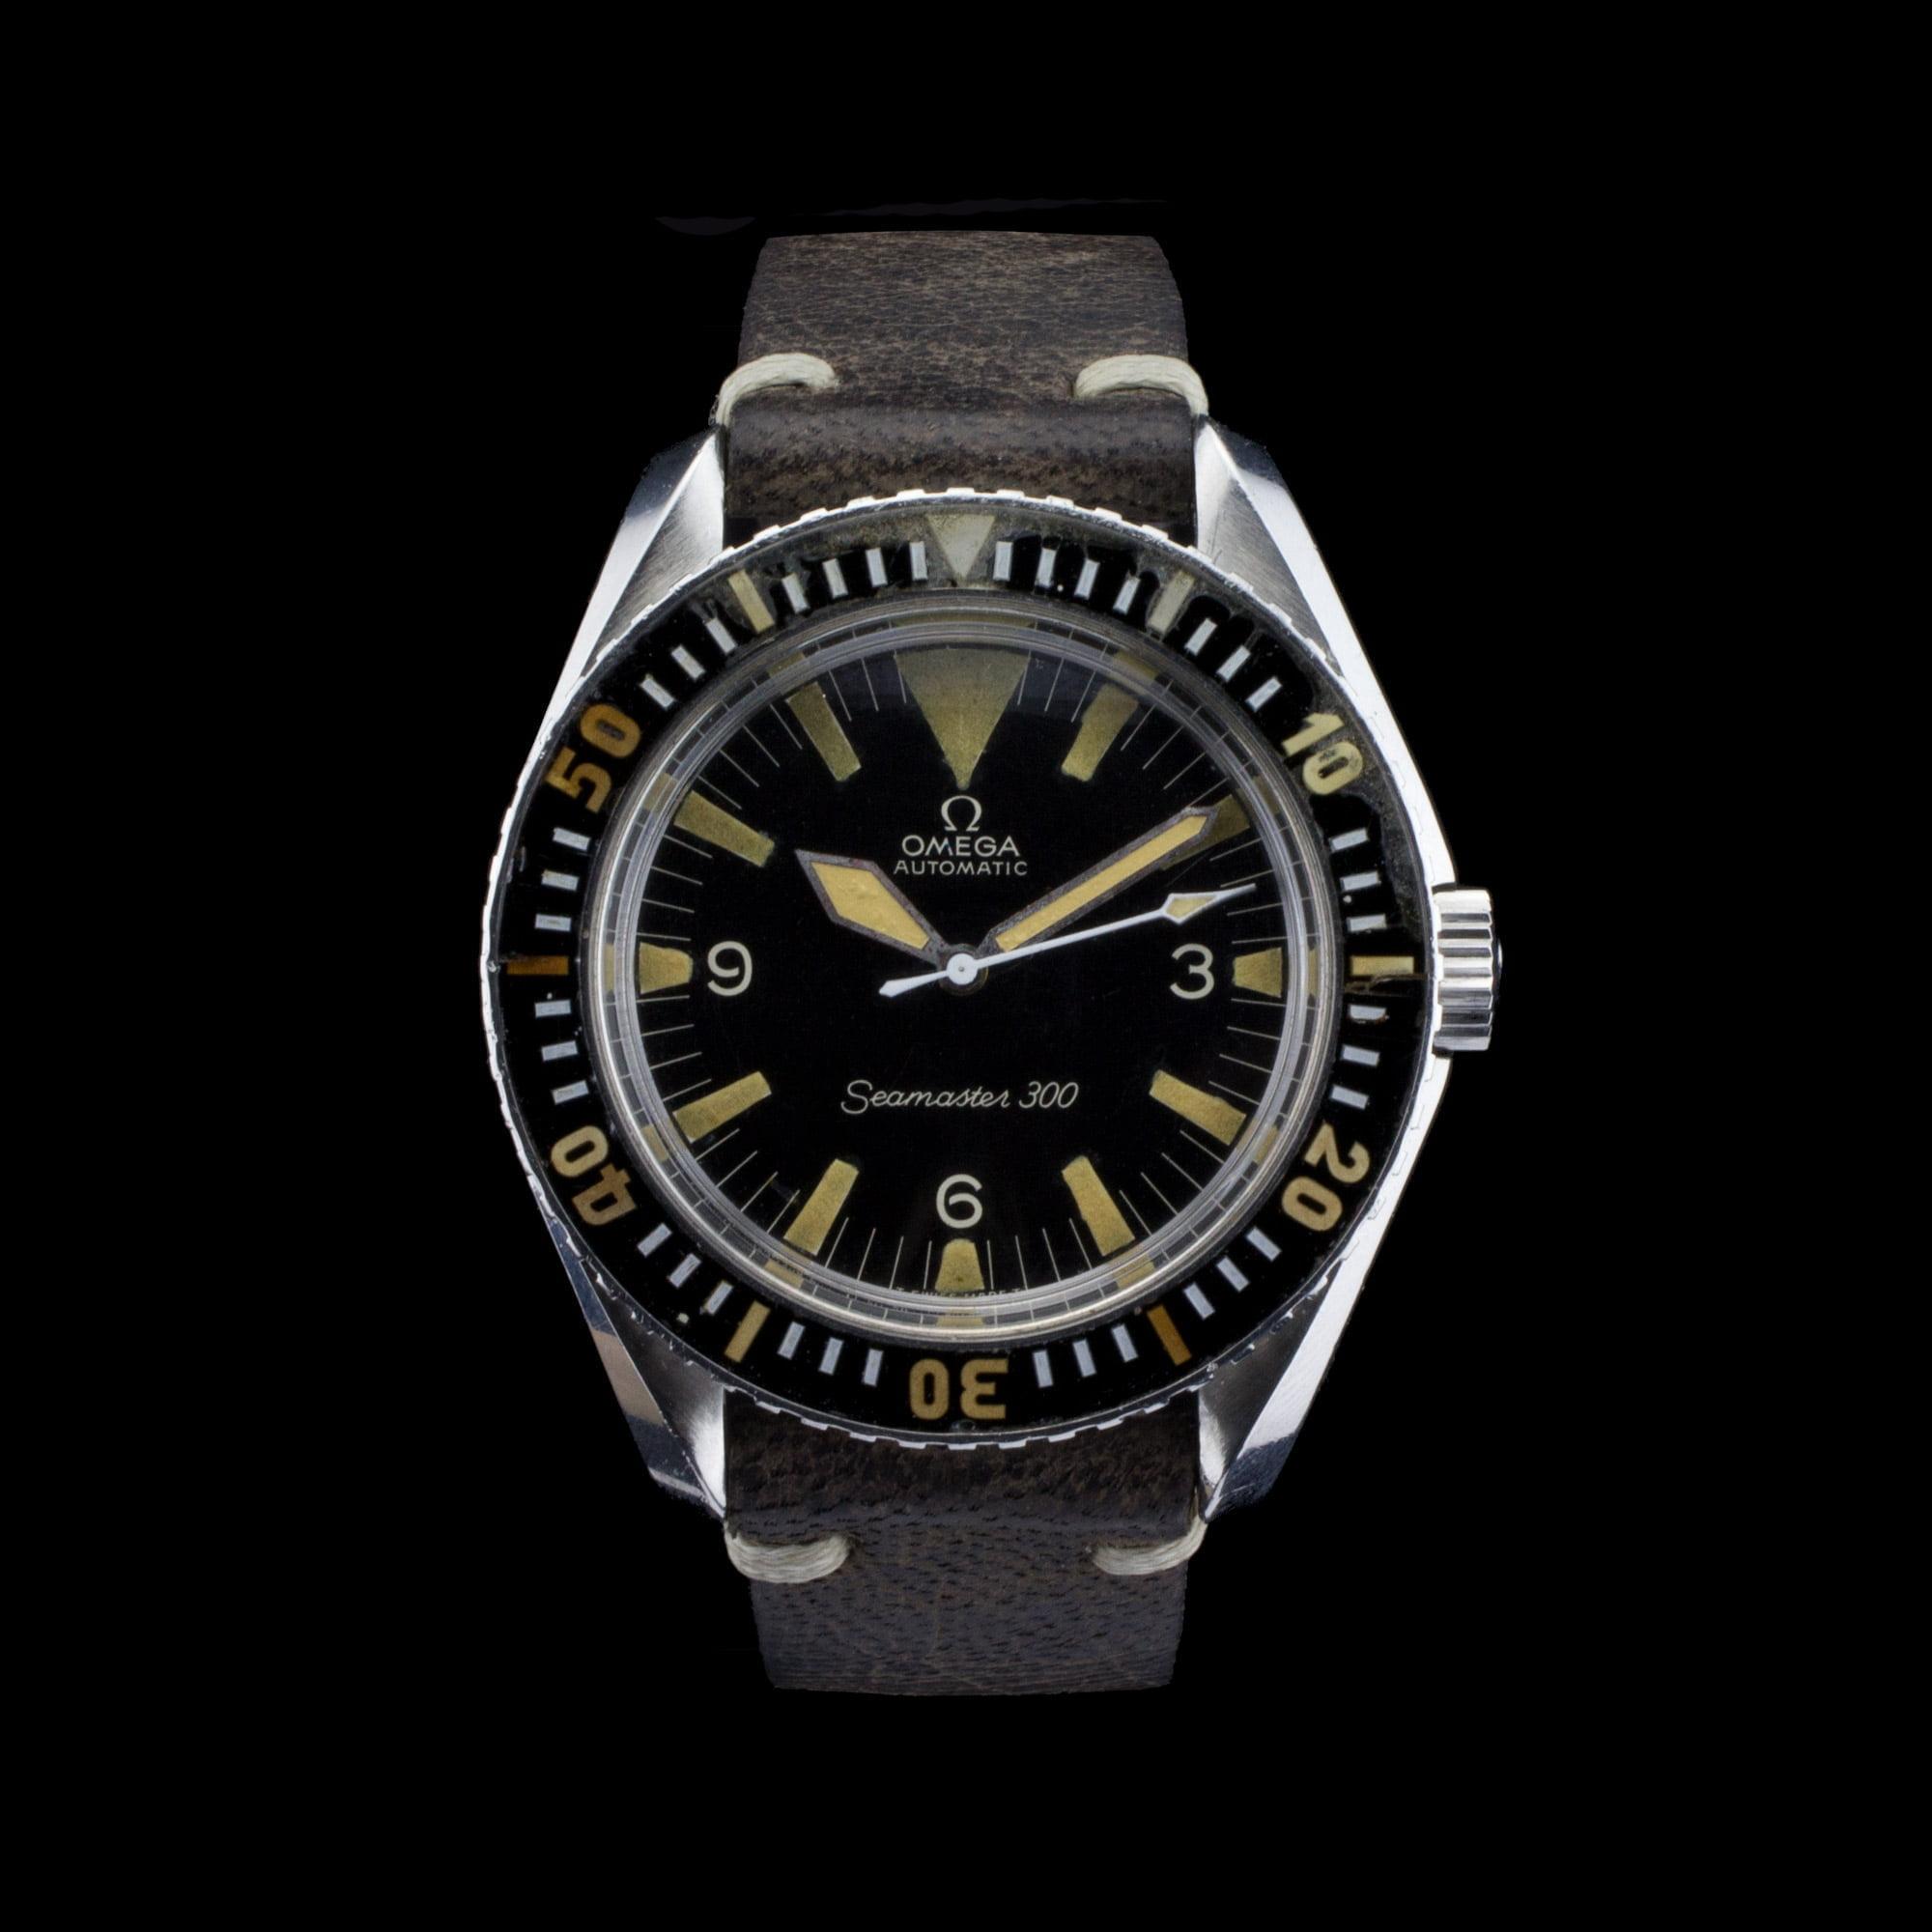 fcba6dde3d194 Omega Seamaster 300